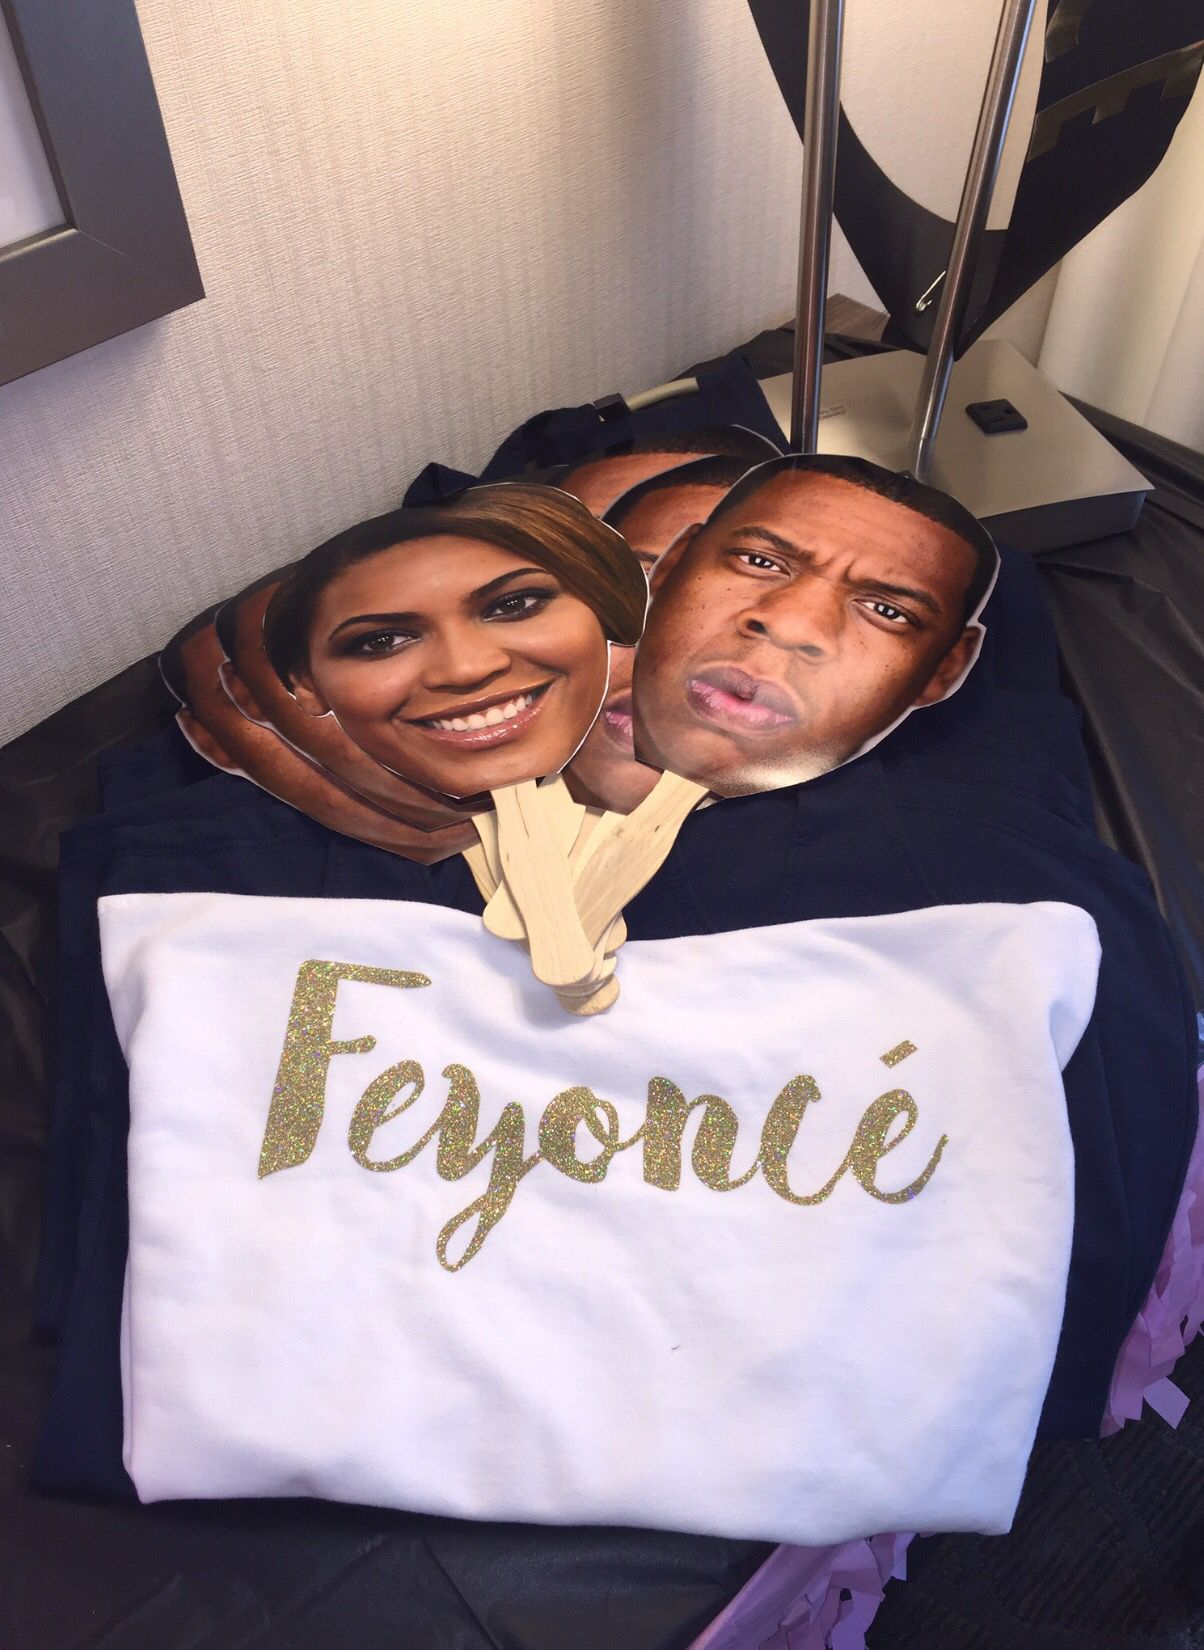 Google themes beyonce - Beyonc Bachelorette Party Bachelorette Party Beyonce Feyonce Jayz